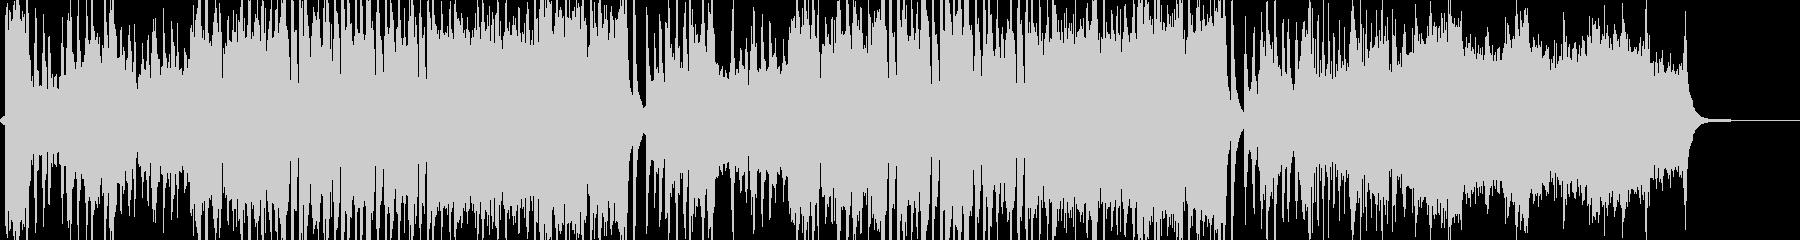 戦場を演出するオーケストラ ピアノ無Aの未再生の波形